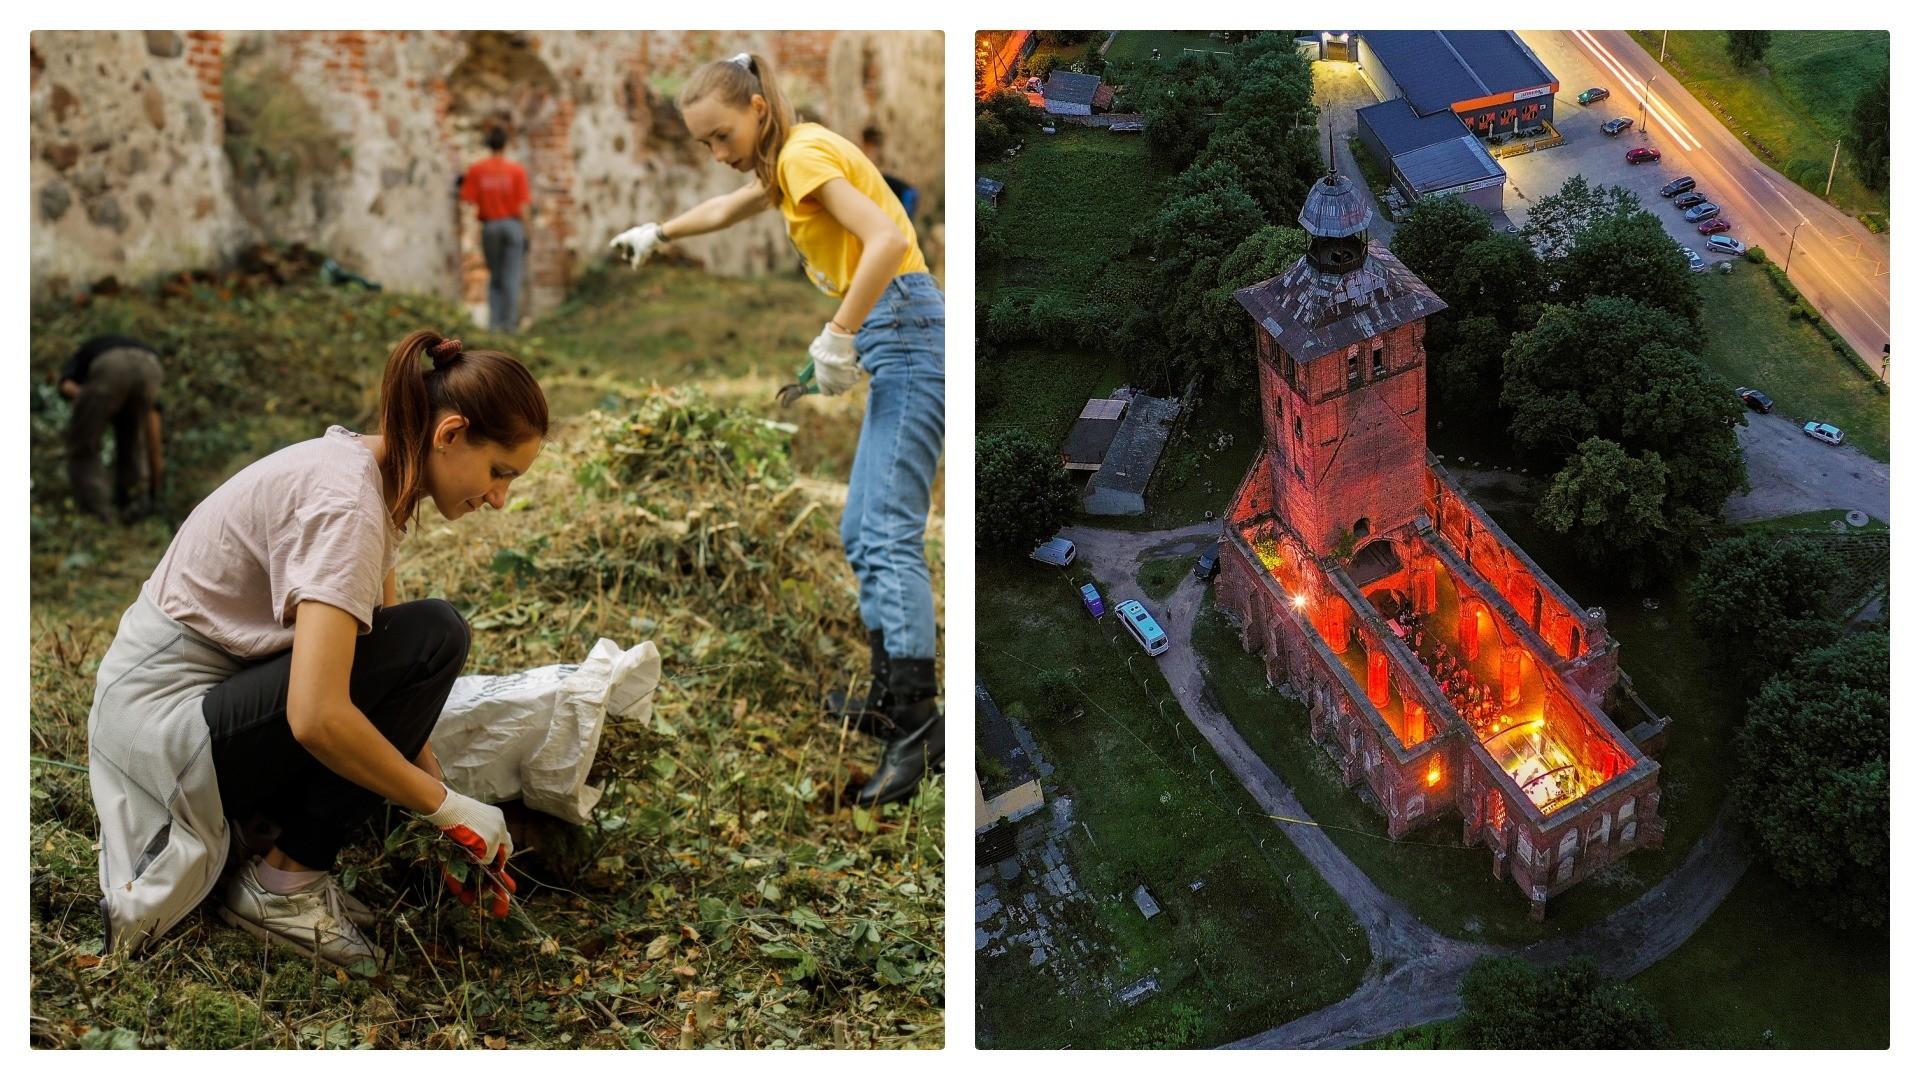 À esq., voluntários limpam castelo, à dir., show nas ruínas.